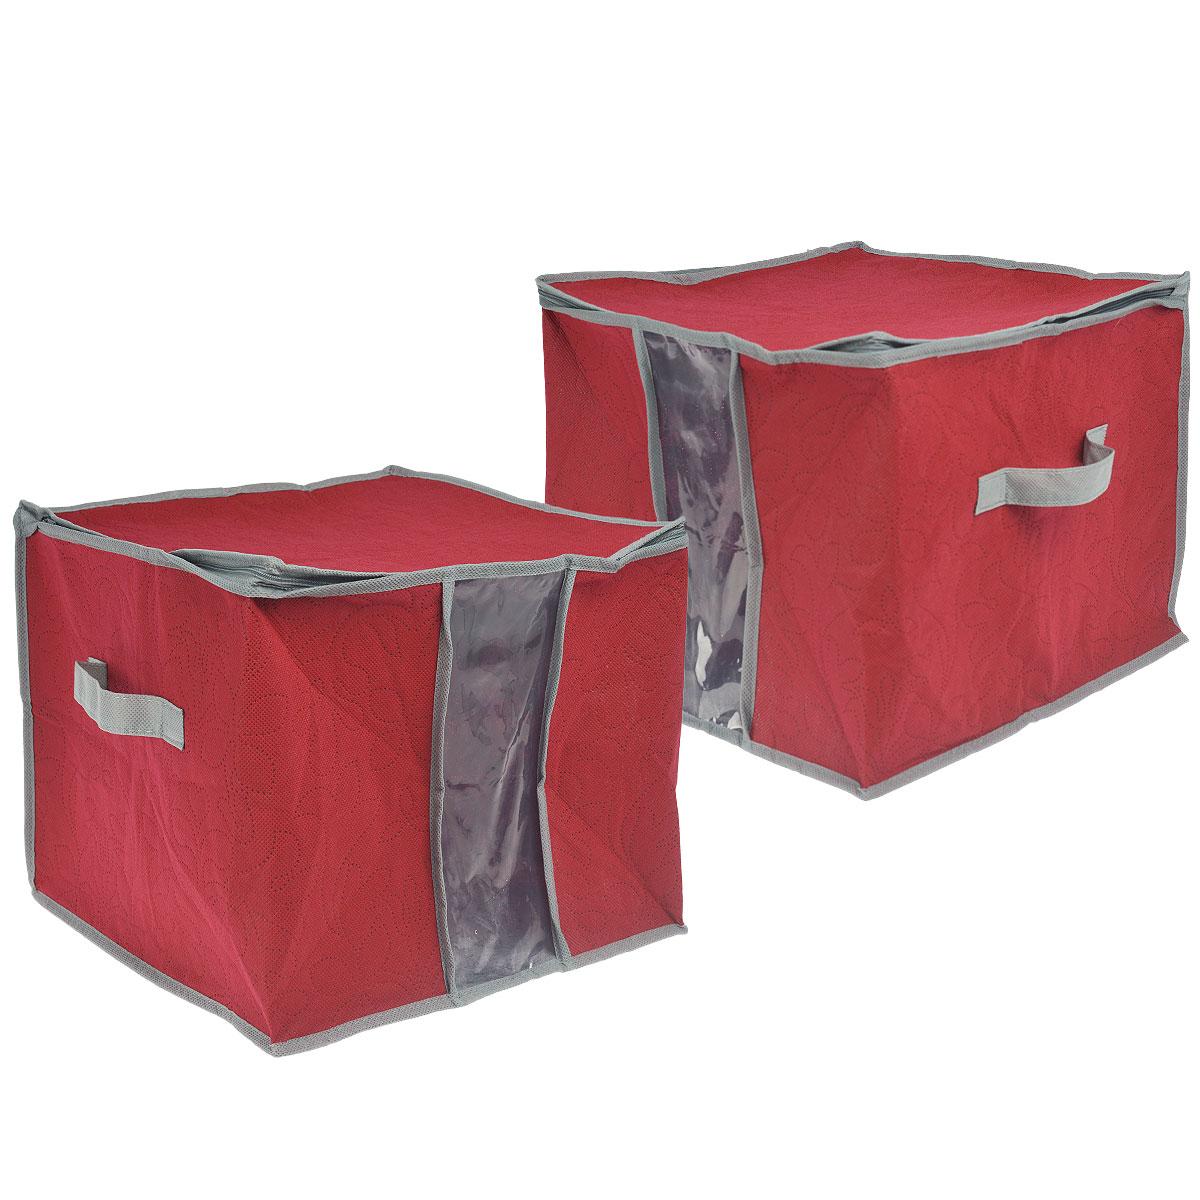 Кофр для хранения Hausmann, цвет: малиновый, 36 см х 36 см х 30 см, 2 шт4C-202Кофр для хранения Hausmann изготовлен из высококачественного нетканого материала, который позволяет сохранять естественную вентиляцию, а воздуху свободно проникать внутрь, не пропуская пыль. Прозрачная полиэтиленовая вставка позволит вам без труда определить содержимое кофра. Благодаря специальным вставкам, кофр прекрасно держит форму, а эстетичный дизайн гармонично смотрится в любом интерьере. Мобильность конструкции обеспечивает складывание и раскладывание одним движением. Размер кофра (ДхШхВ): 36 см х 36 см х 30 см. Комплектация: 2 шт. Материал: нетканое волокно, вискоза.